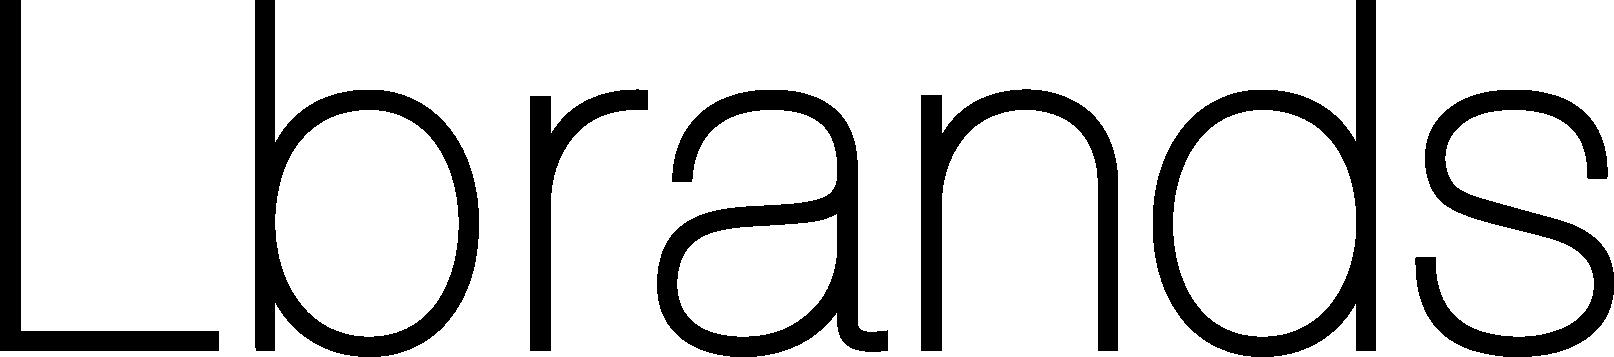 L Brands Logo png